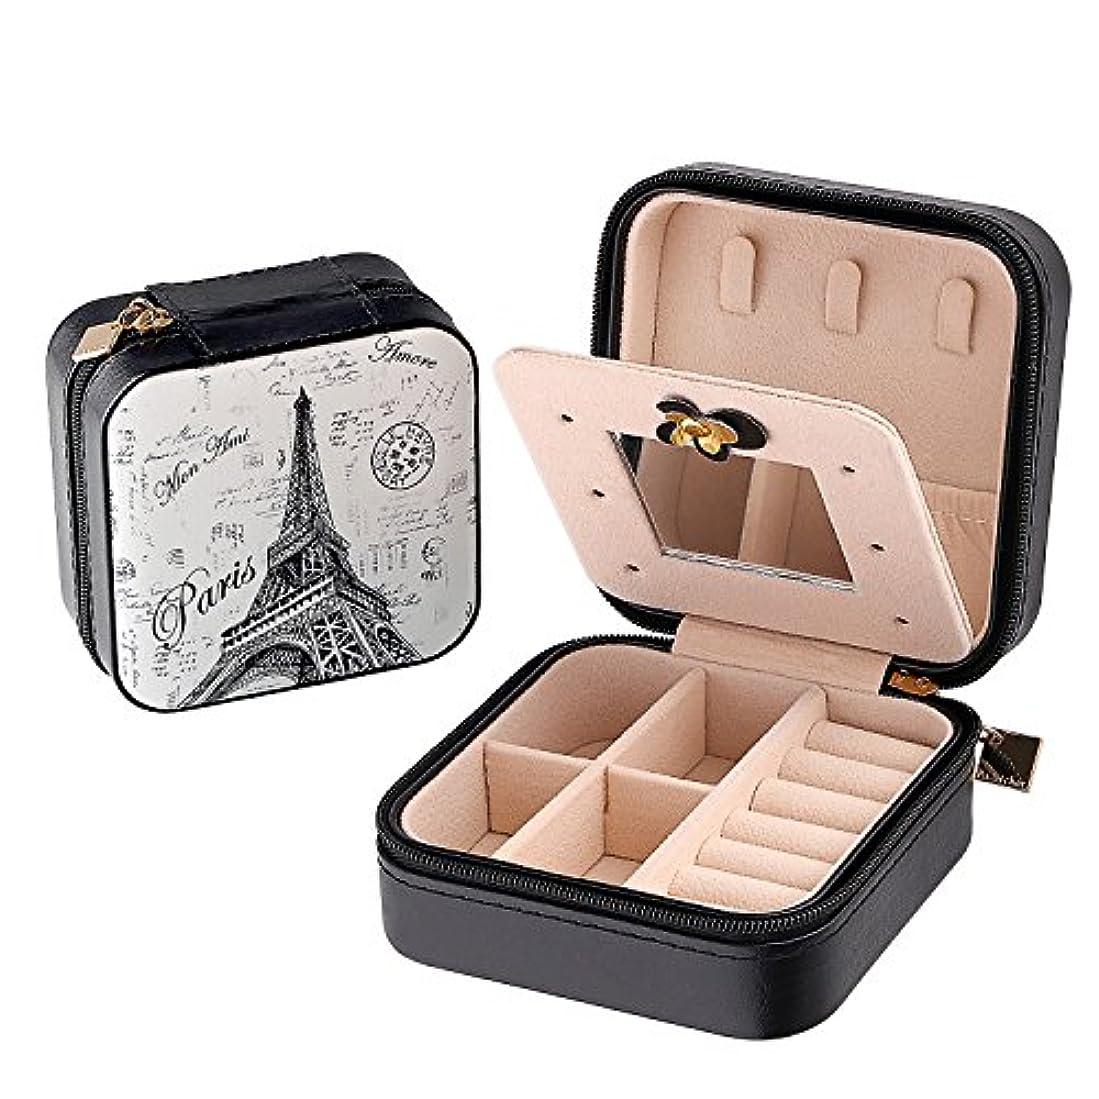 無限大説明的結晶B.Catcher高品質エッフェル塔ミニジュエリーボックス 白い人工皮革アクセサリーケース 携帯用 収納用 リングピアスネックレス小物入れ ボックス 便利 旅行用